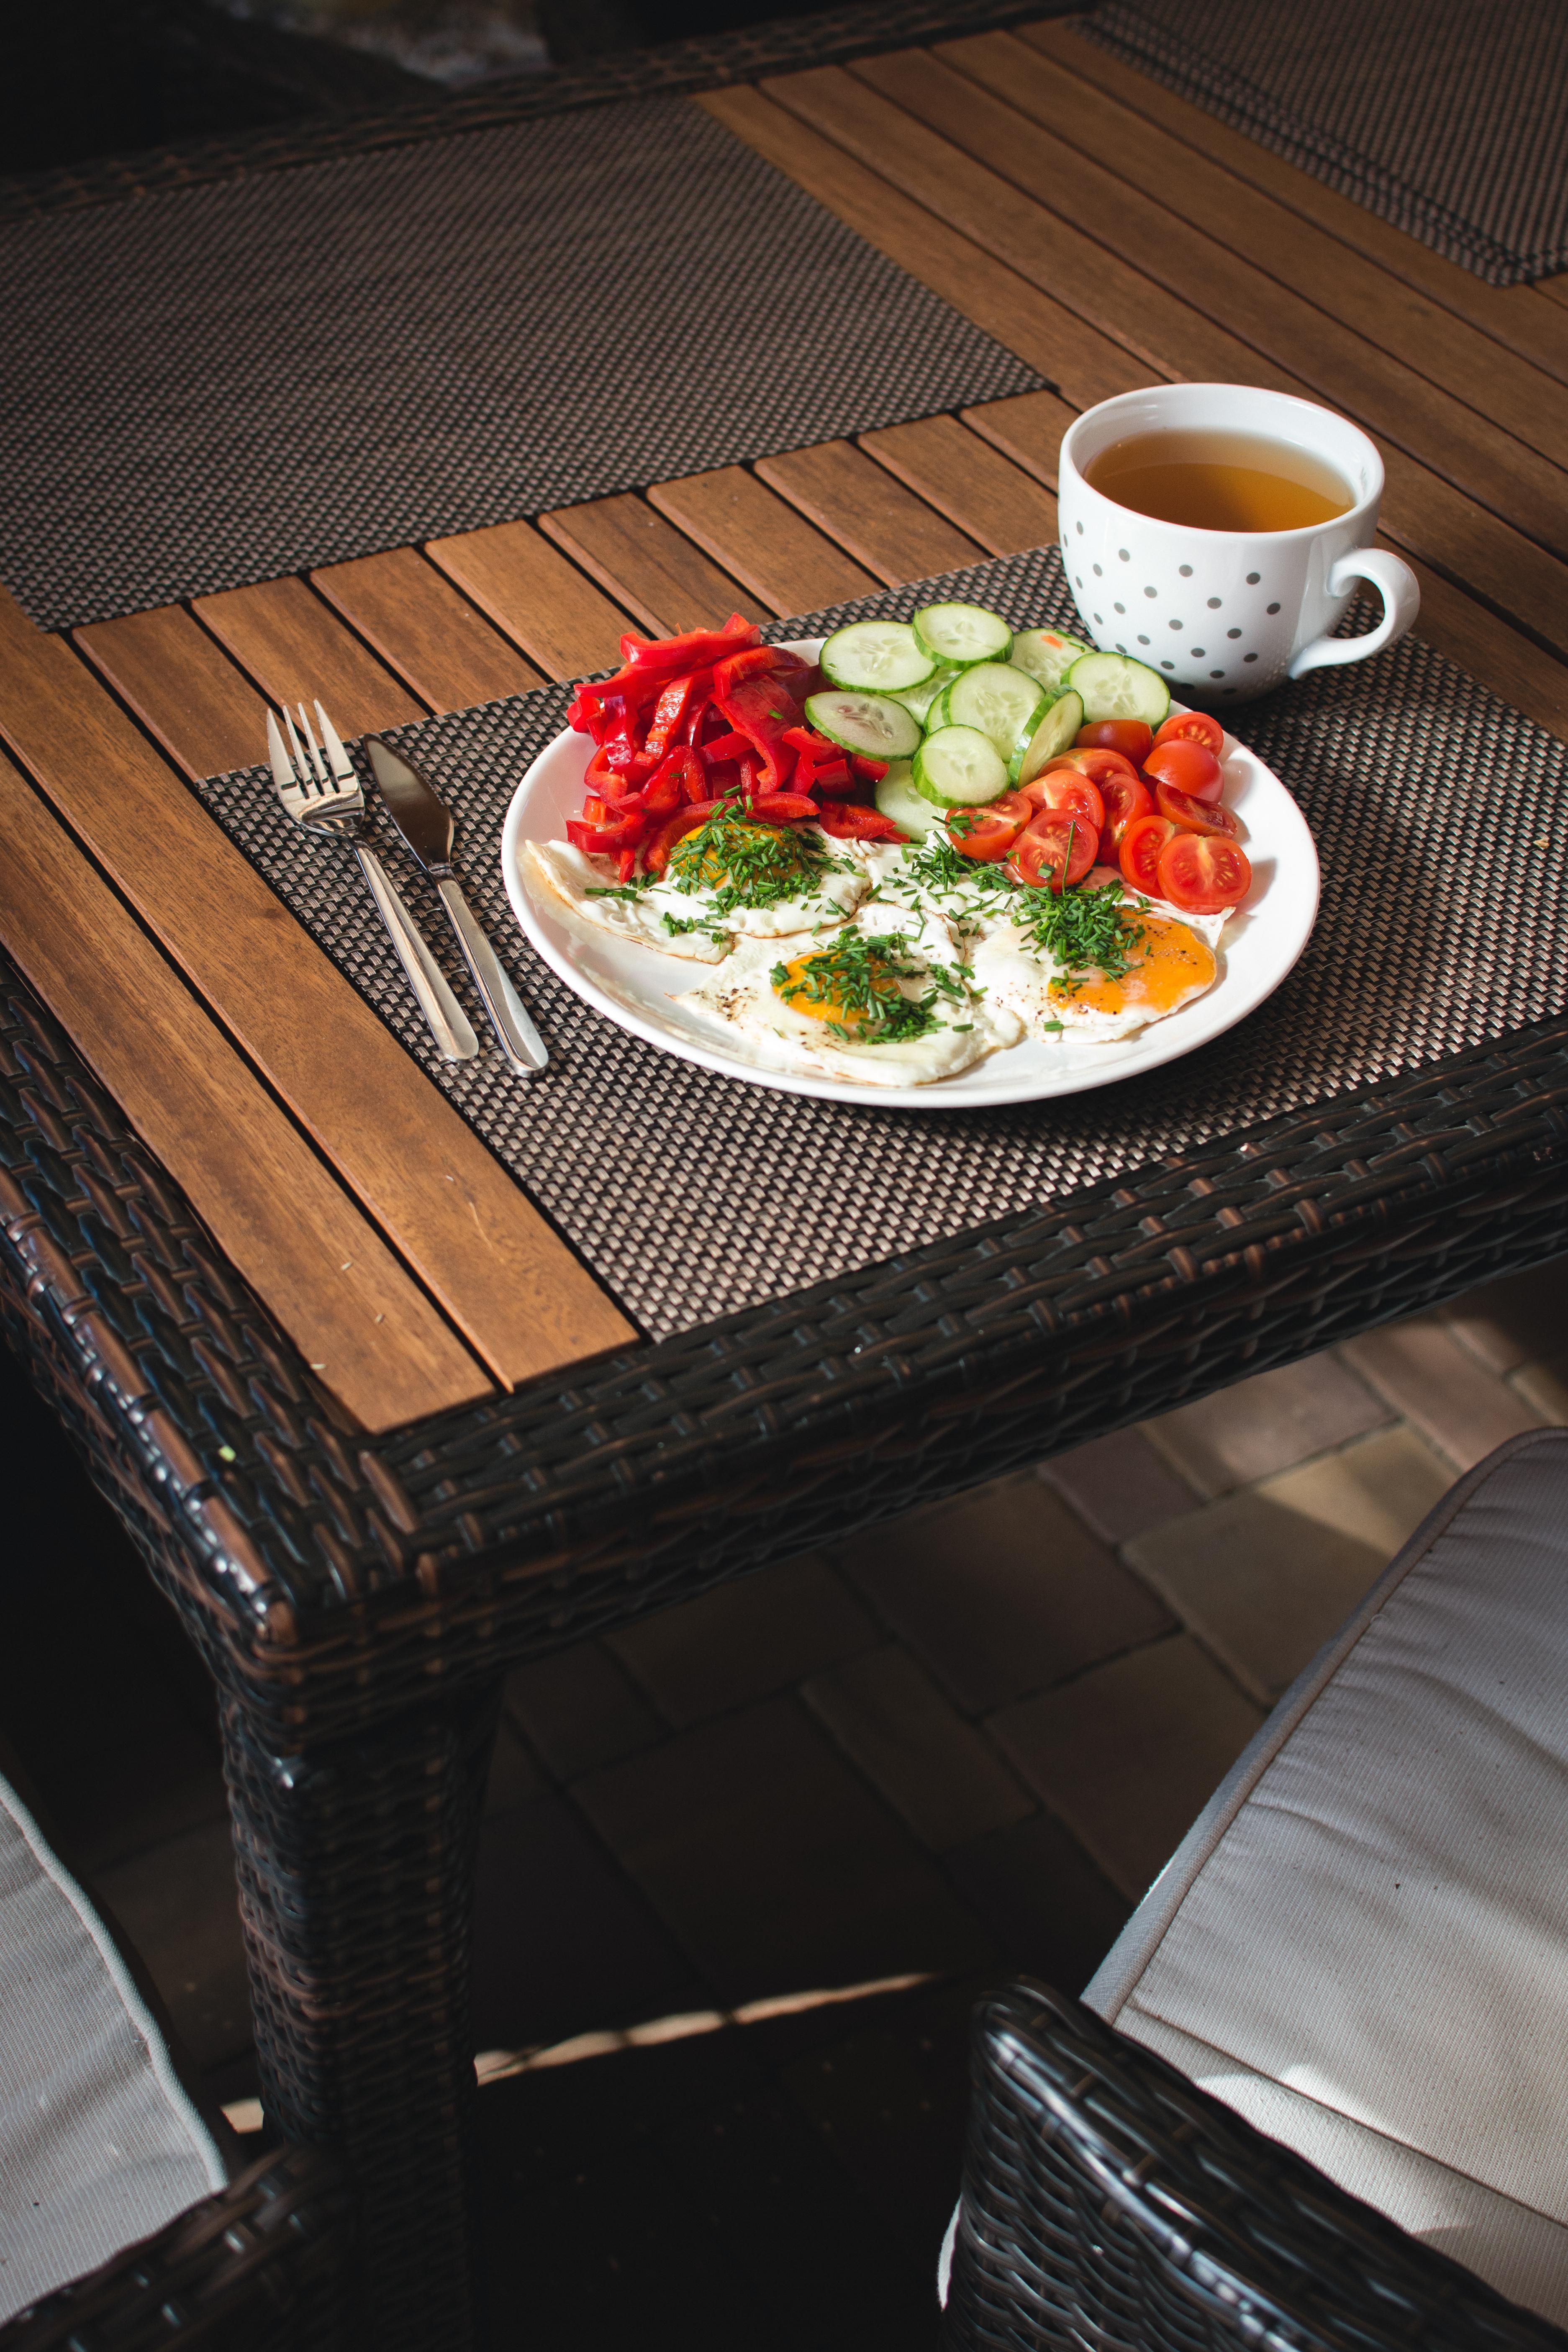 Стол с едой картинки вид прямо